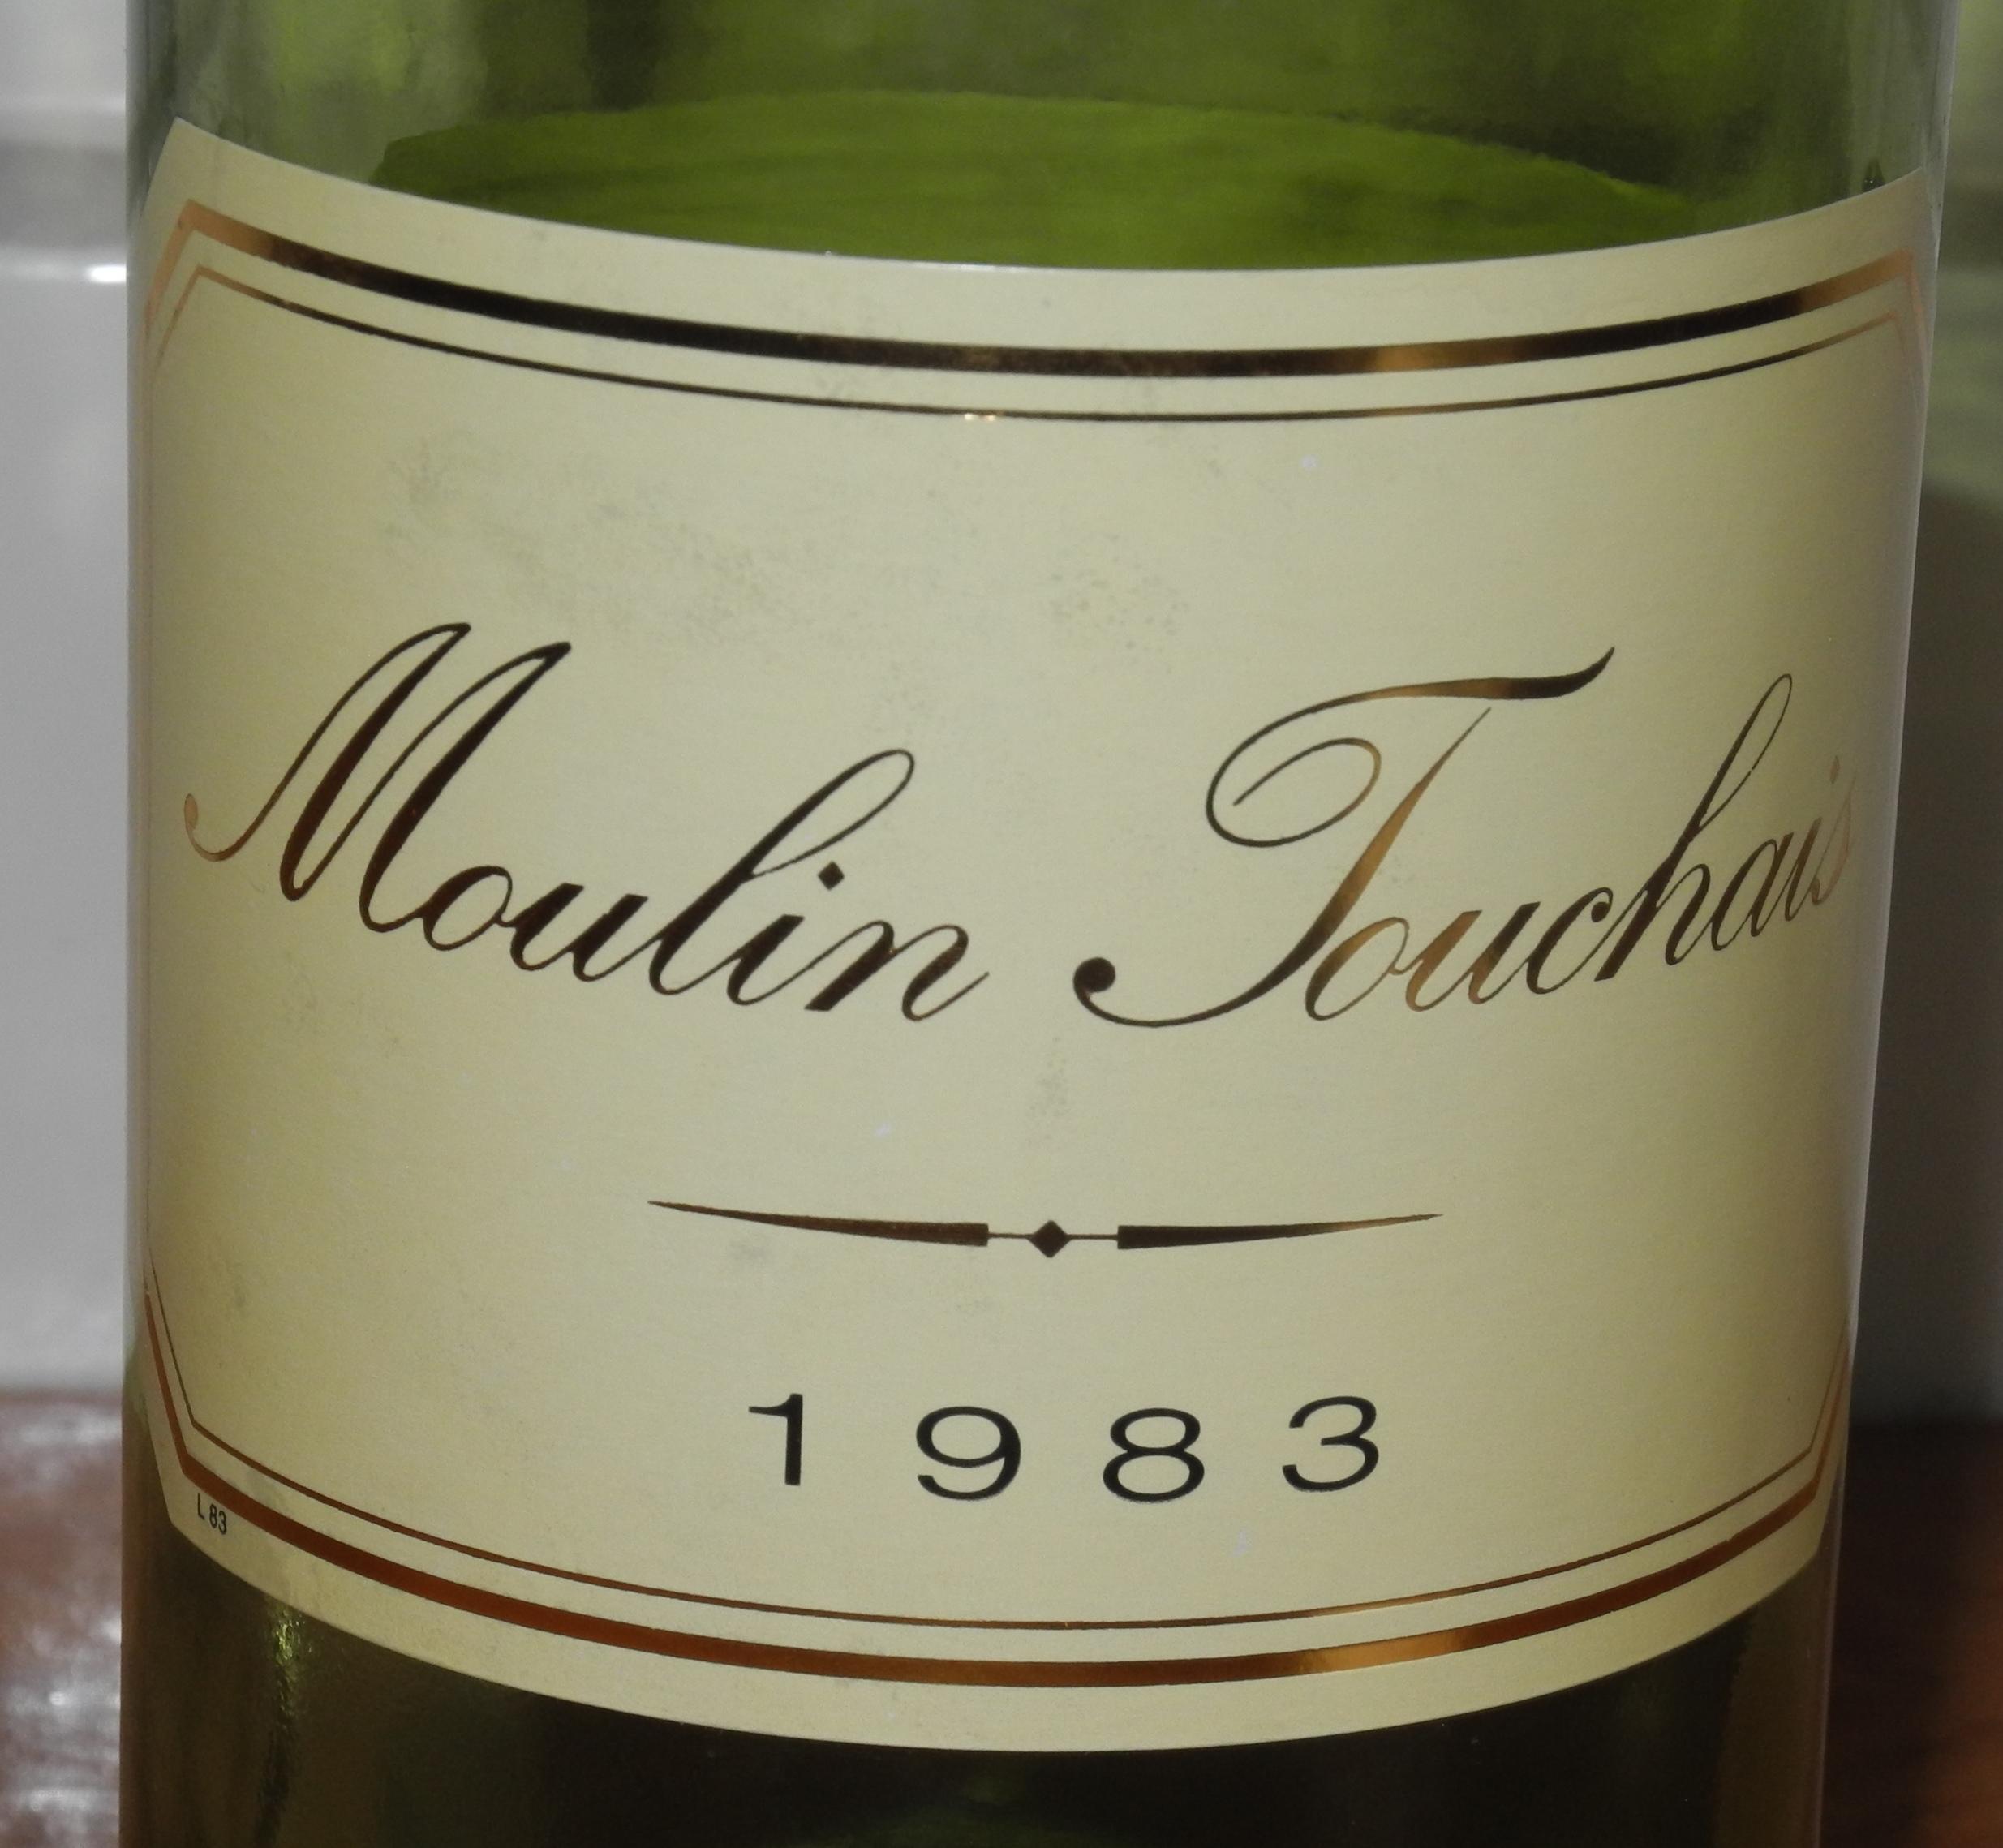 Moulin Touchais 1983